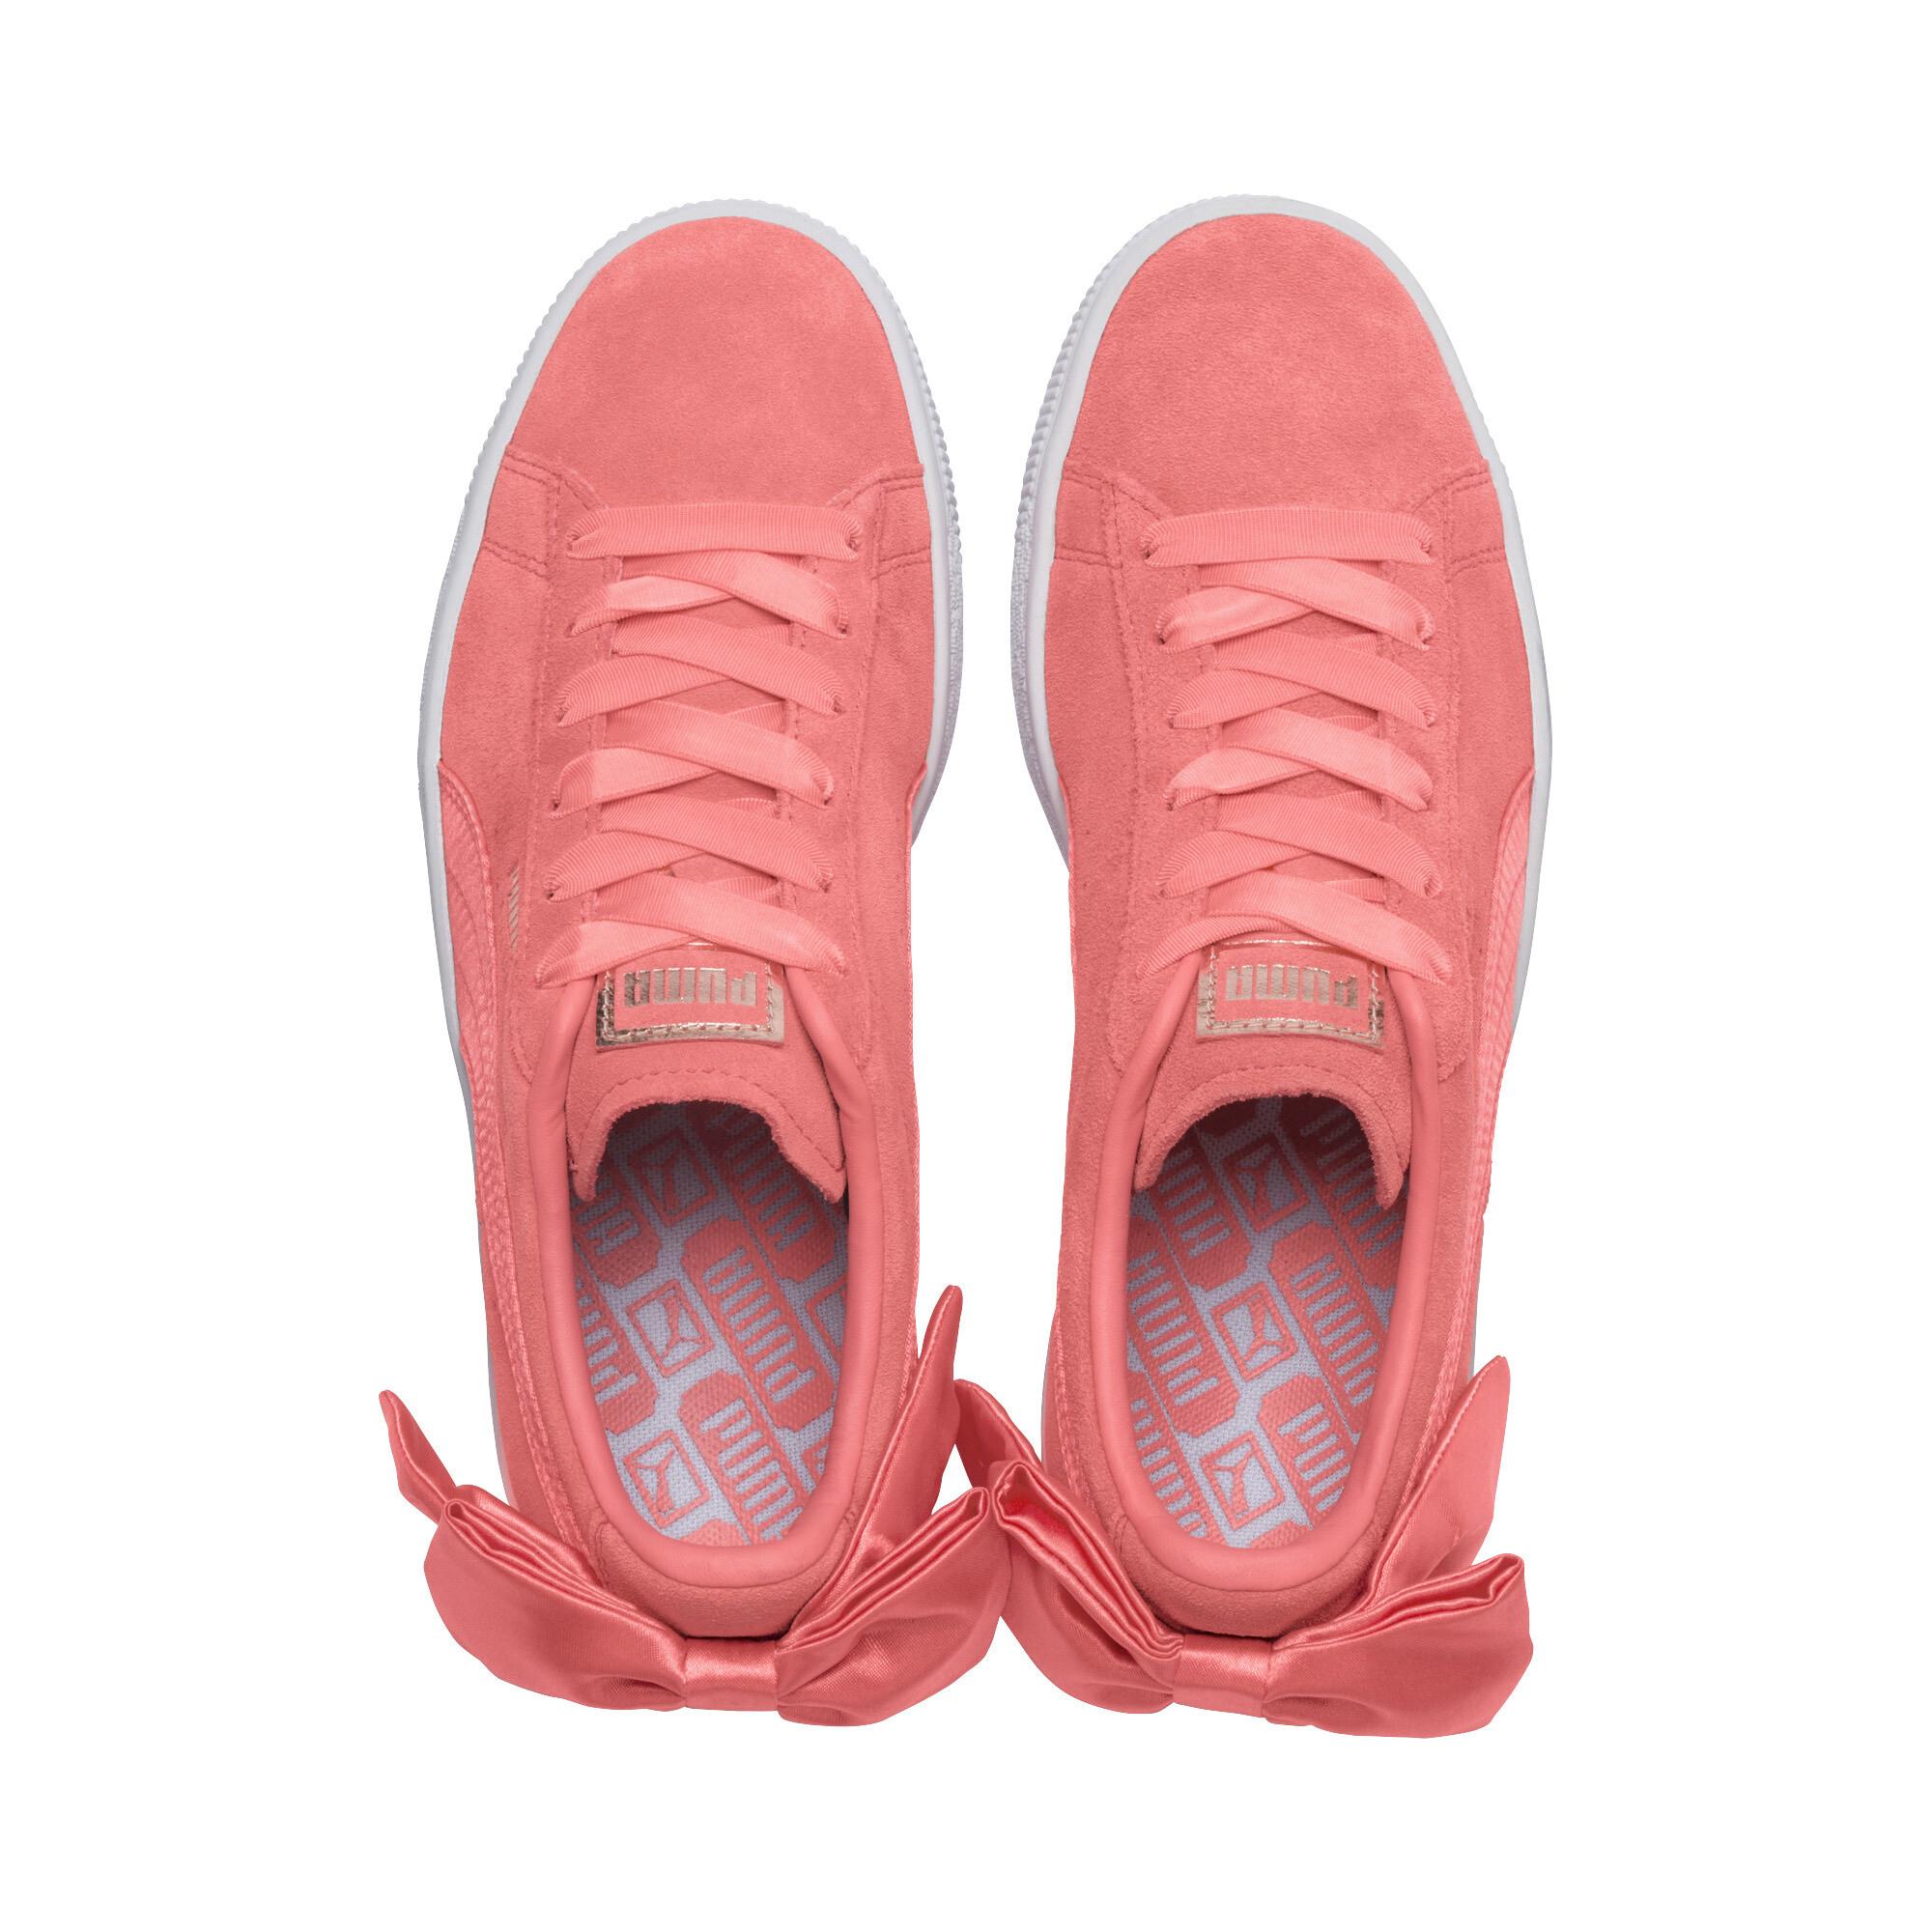 Indexbild 9 - PUMA Suede Bow Damen Frauen Schuhe Sport Classics Neu